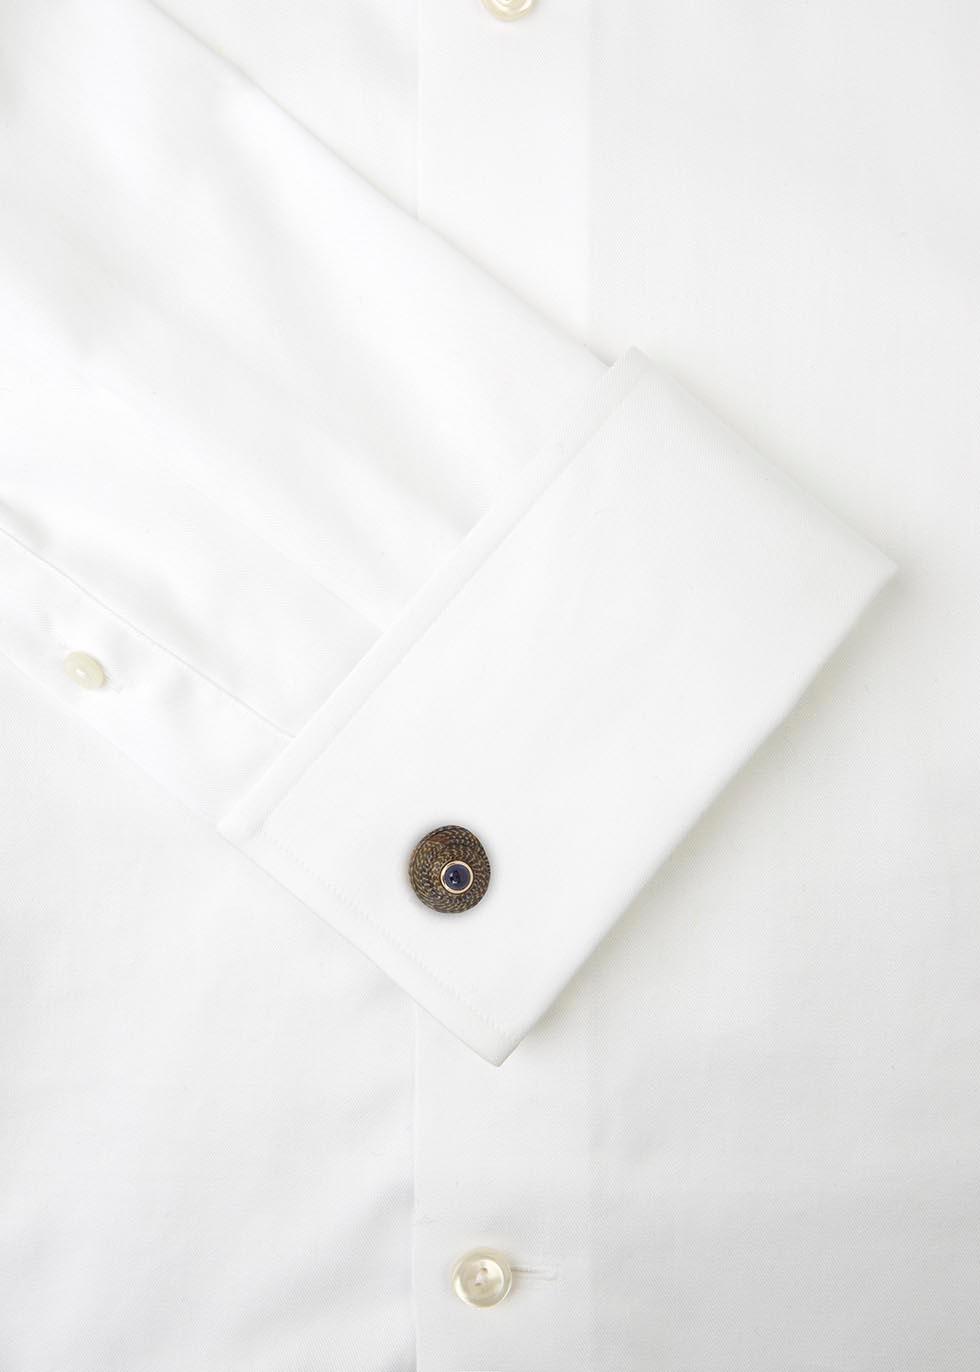 Japanese umbonium shell cufflinks - Trianon